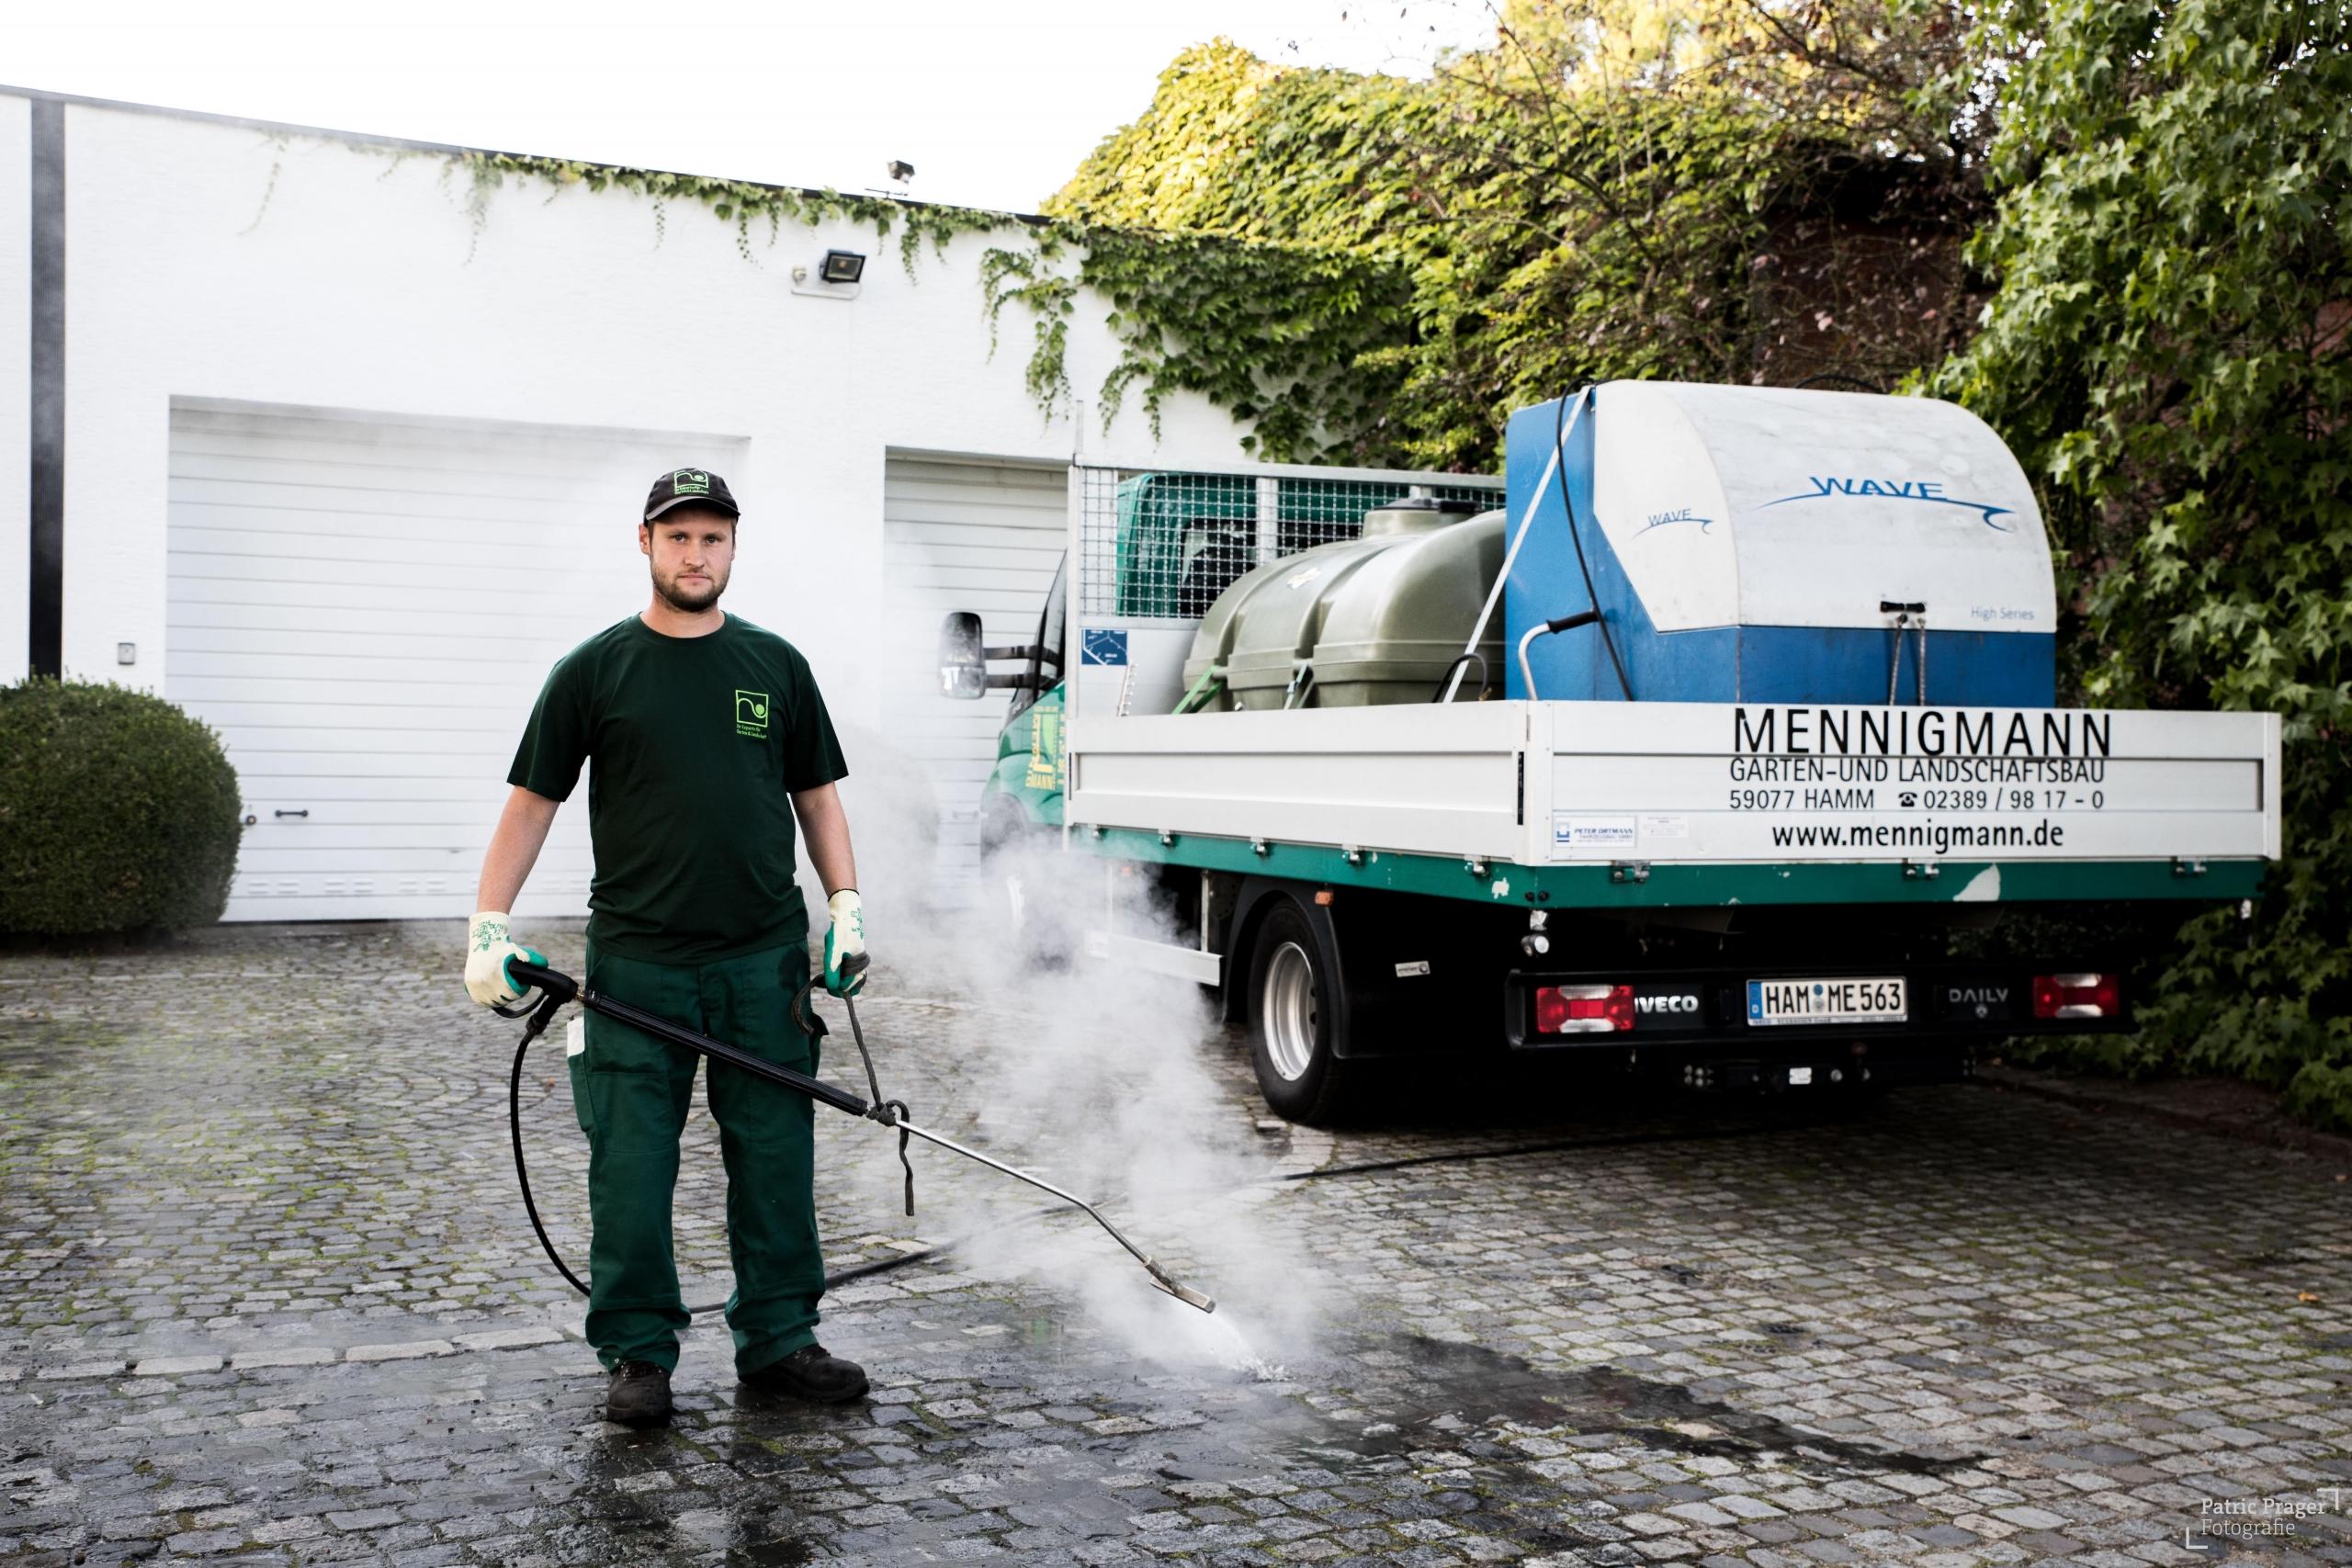 Mennigmann Garten- und Landschaftsbau GmbH Team Wave